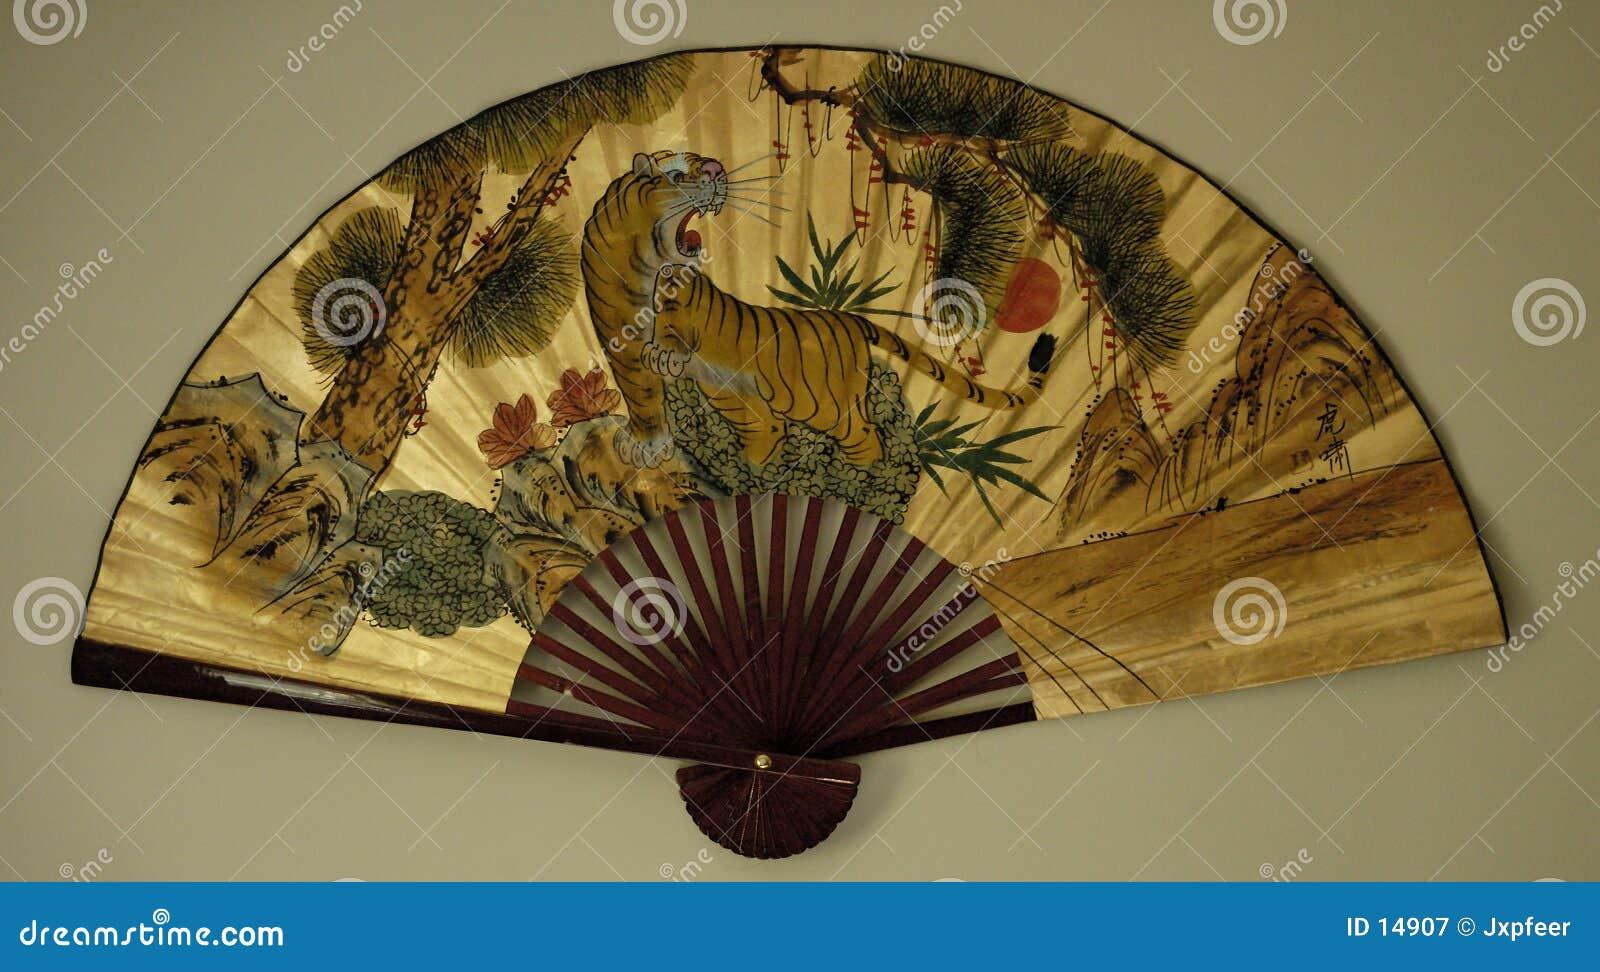 1 asiatiska ventilator